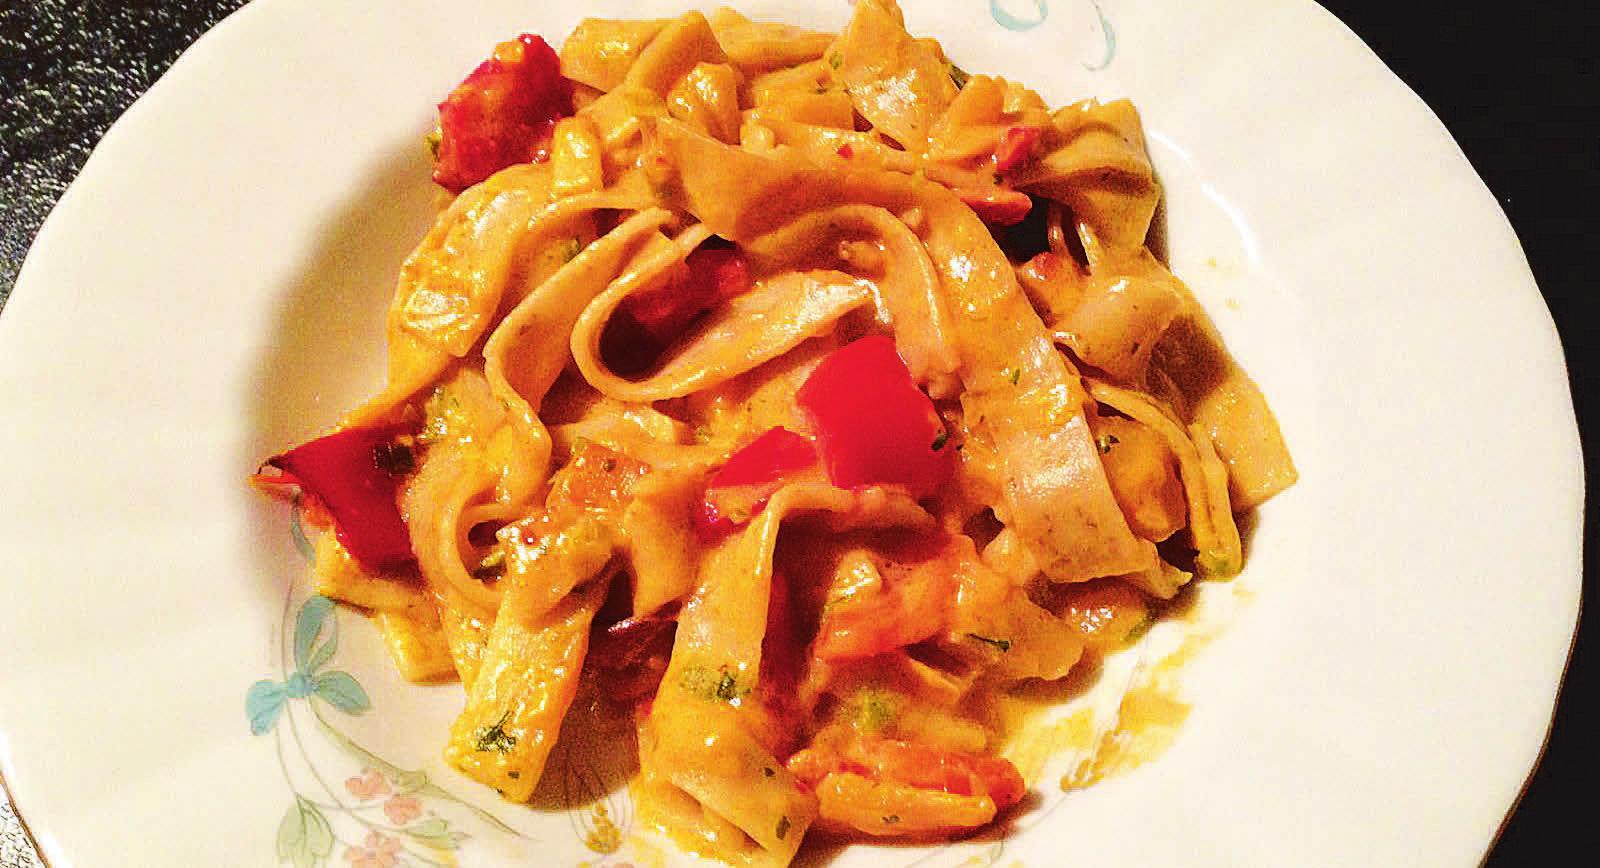 So sieht sie aus, die fertige Mehlwurm-Pasta. Fazit: Kann man machen, muss man aber nicht. Fotos: Ingo Wagner, Christine Gerhard